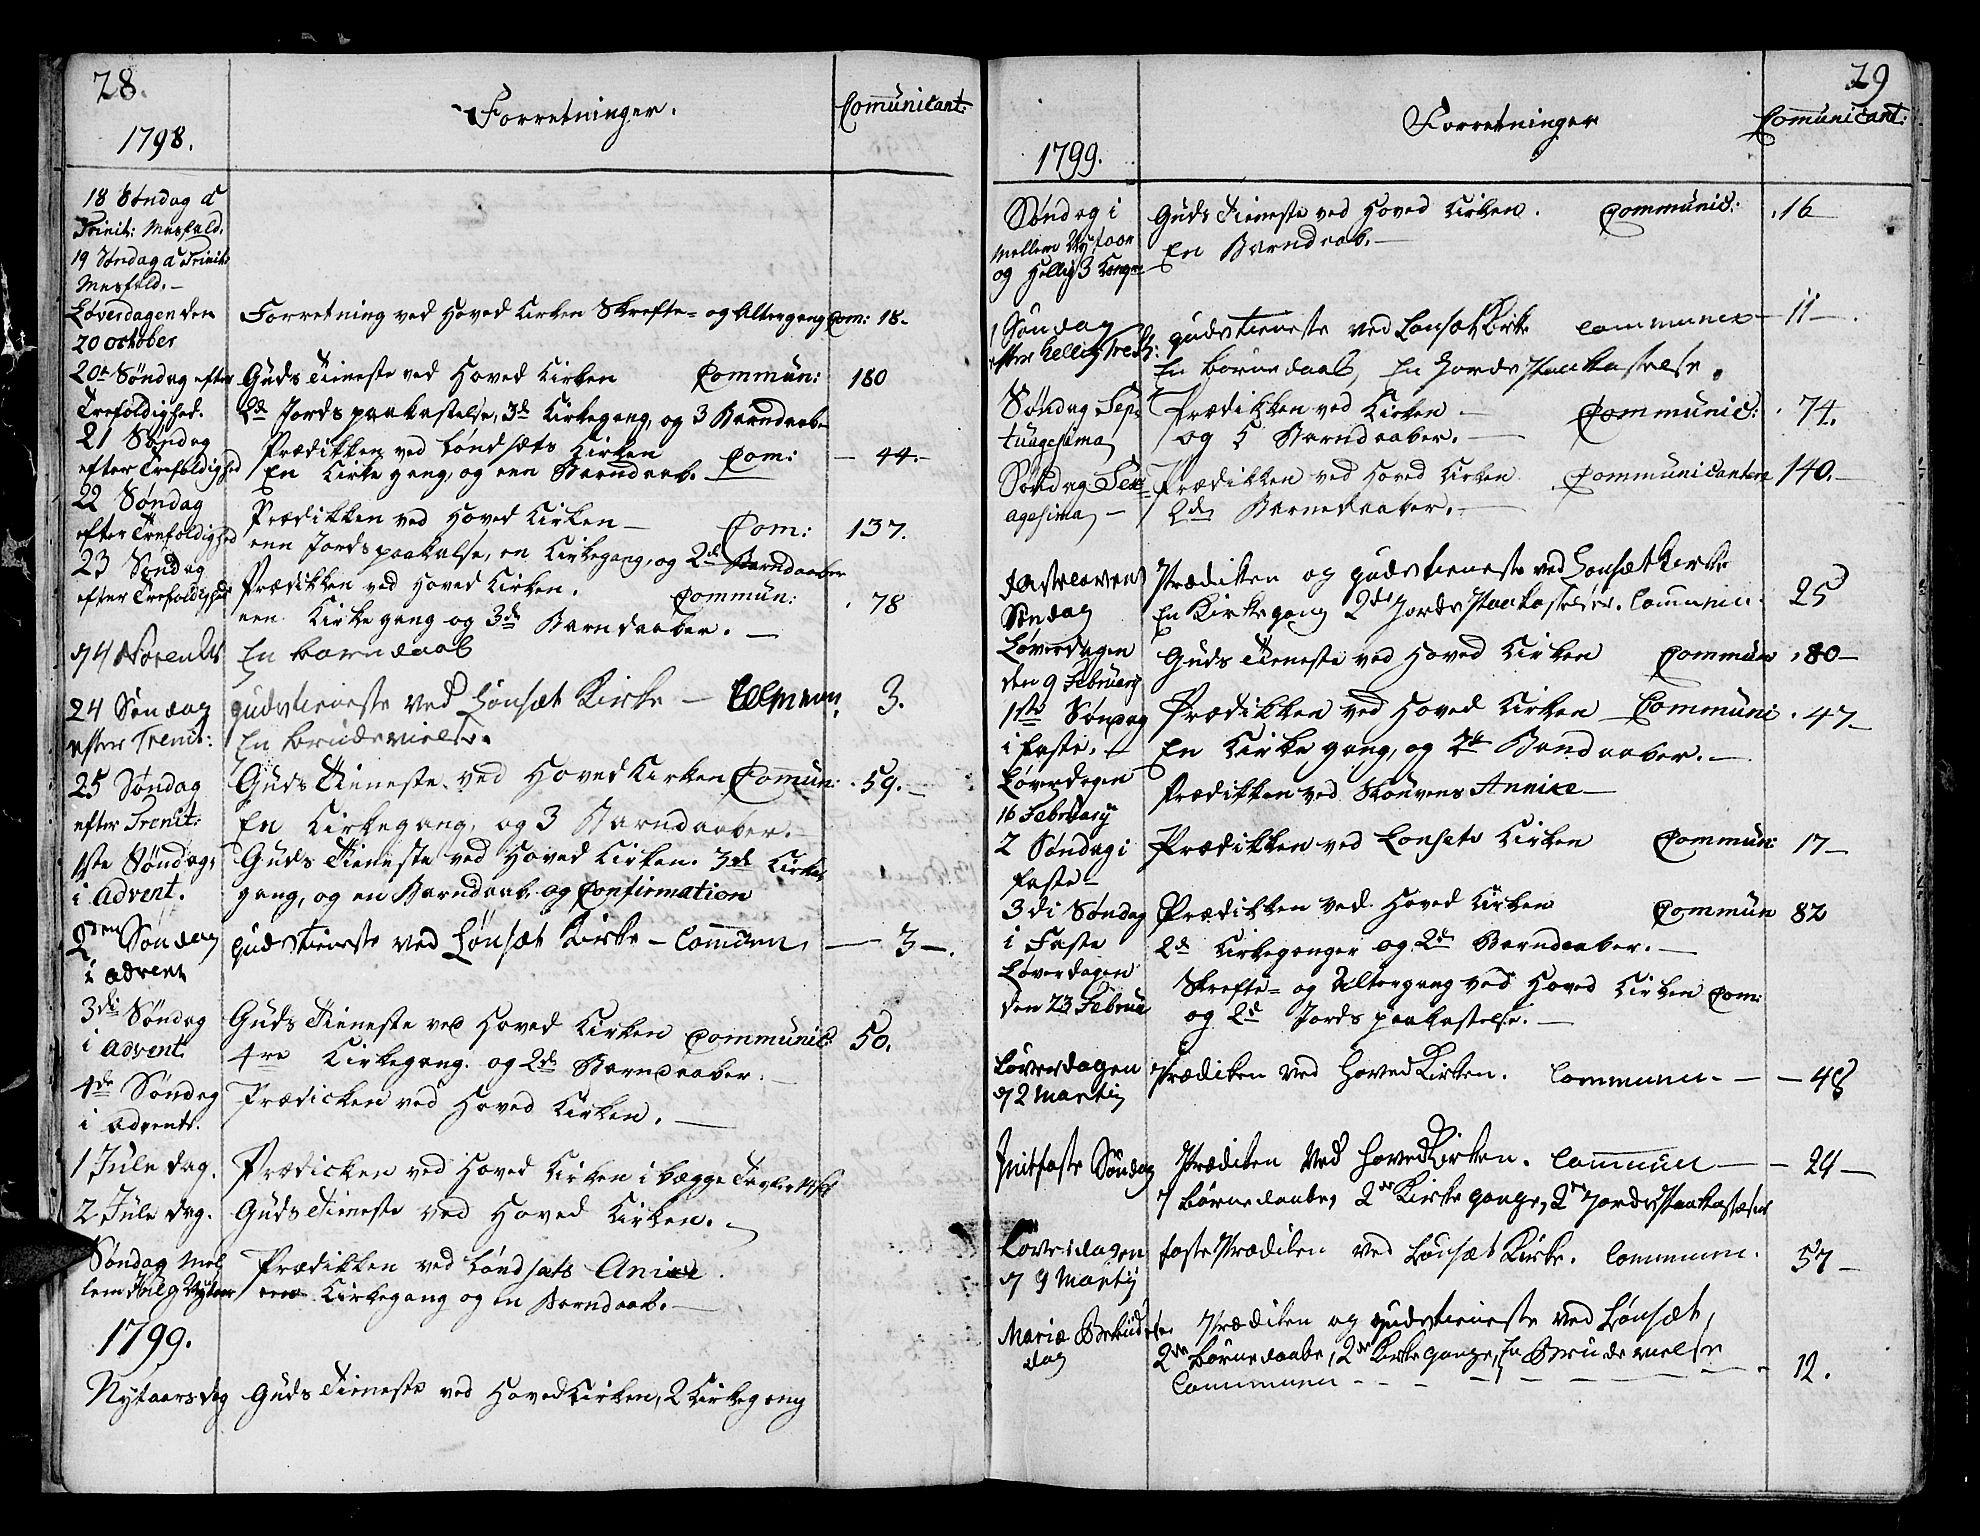 SAT, Ministerialprotokoller, klokkerbøker og fødselsregistre - Sør-Trøndelag, 678/L0893: Ministerialbok nr. 678A03, 1792-1805, s. 28-29